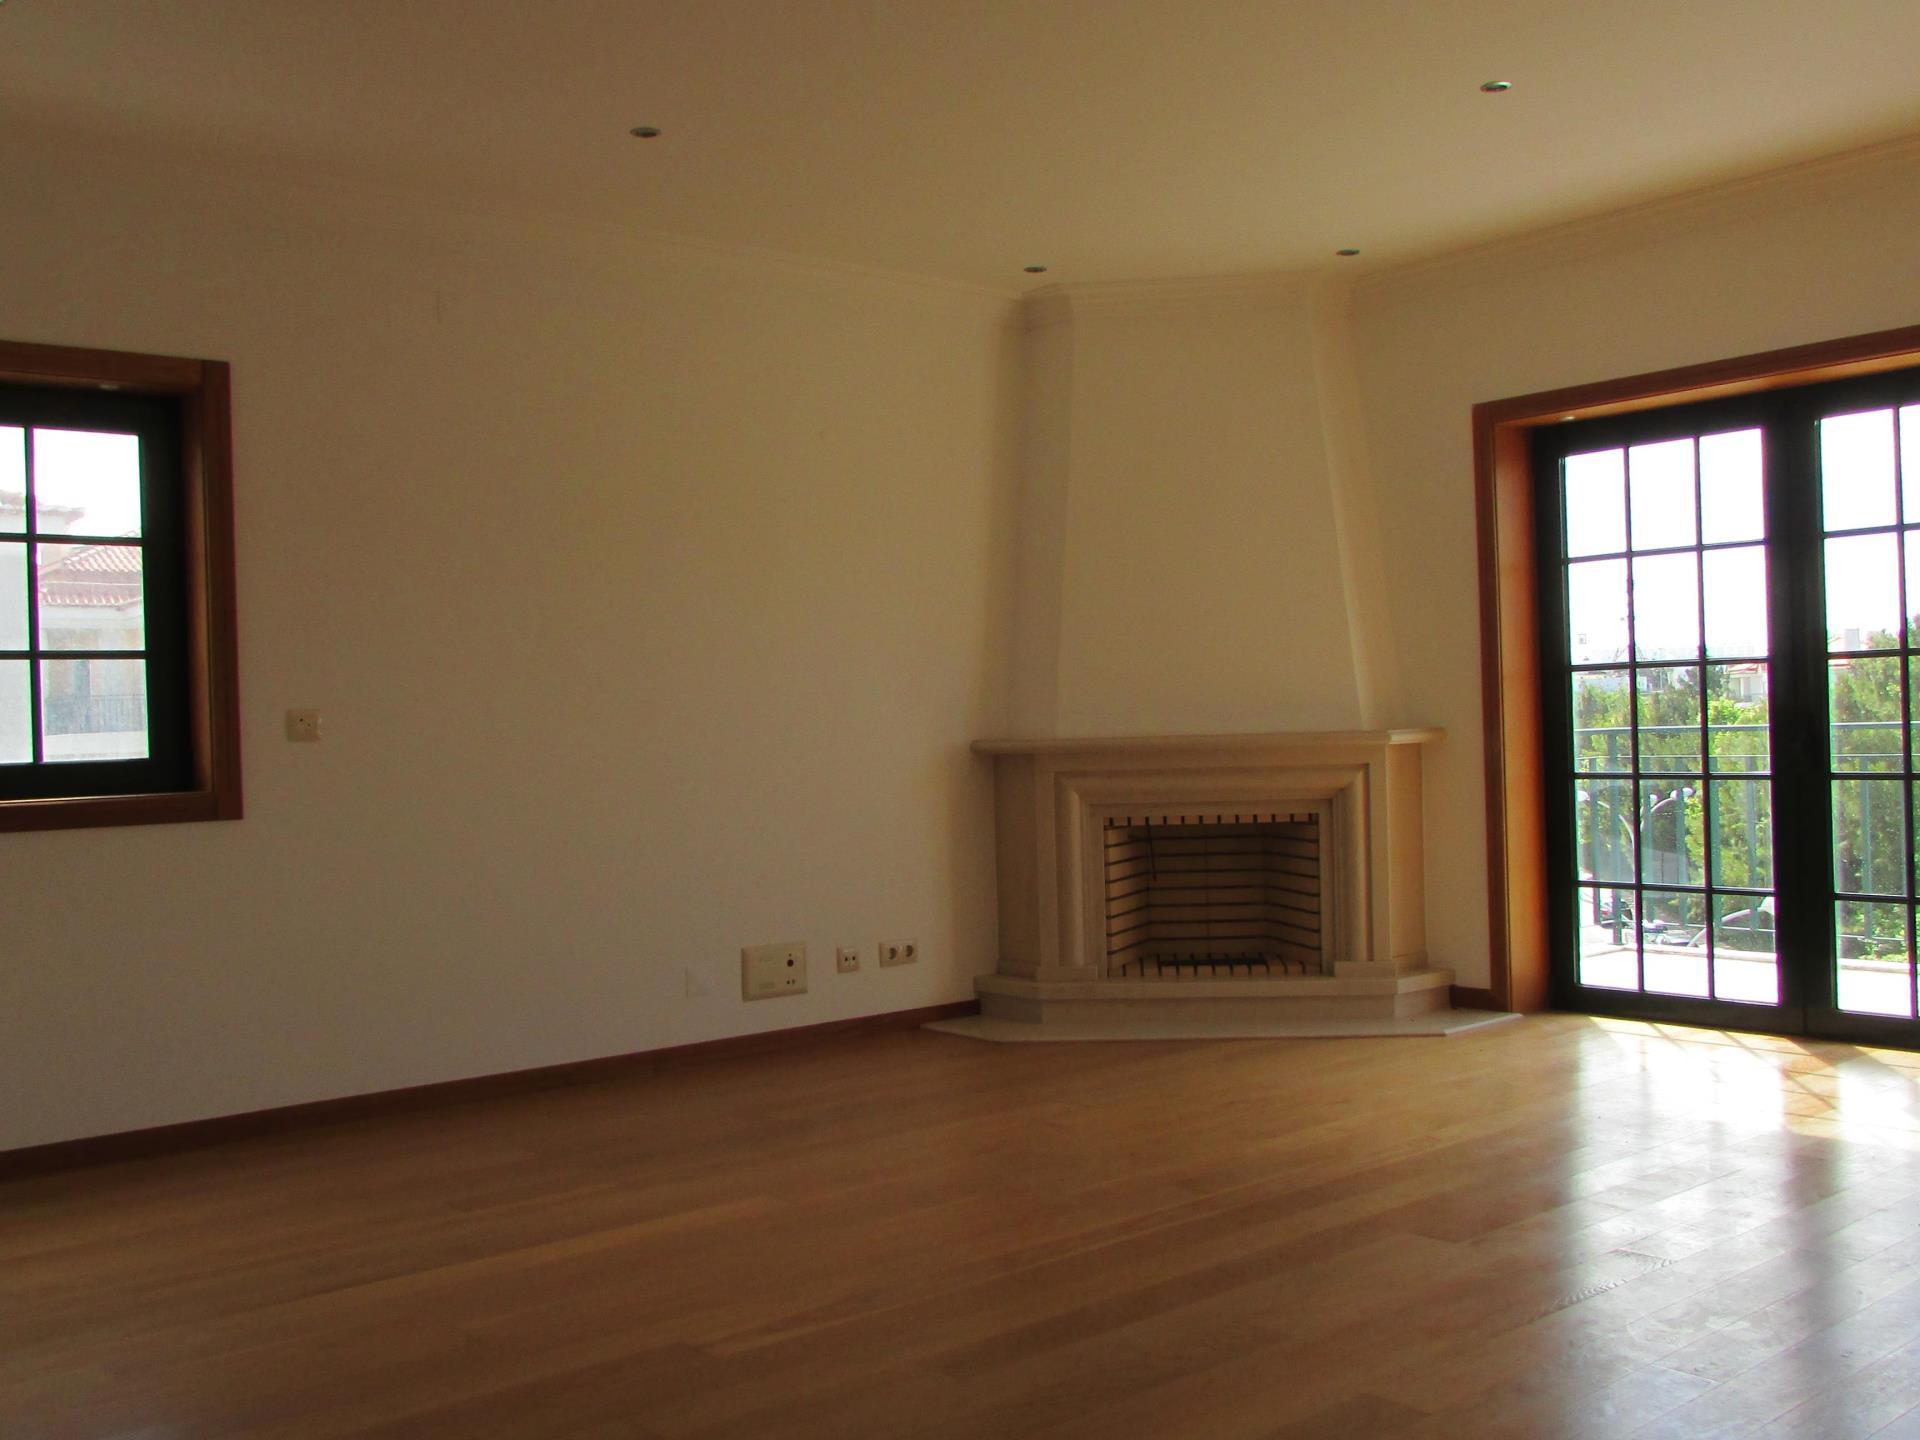 Duplex für Verkauf beim Duplex, 3 bedrooms, for Sale Carcavelos, Cascais, Lissabon Portugal